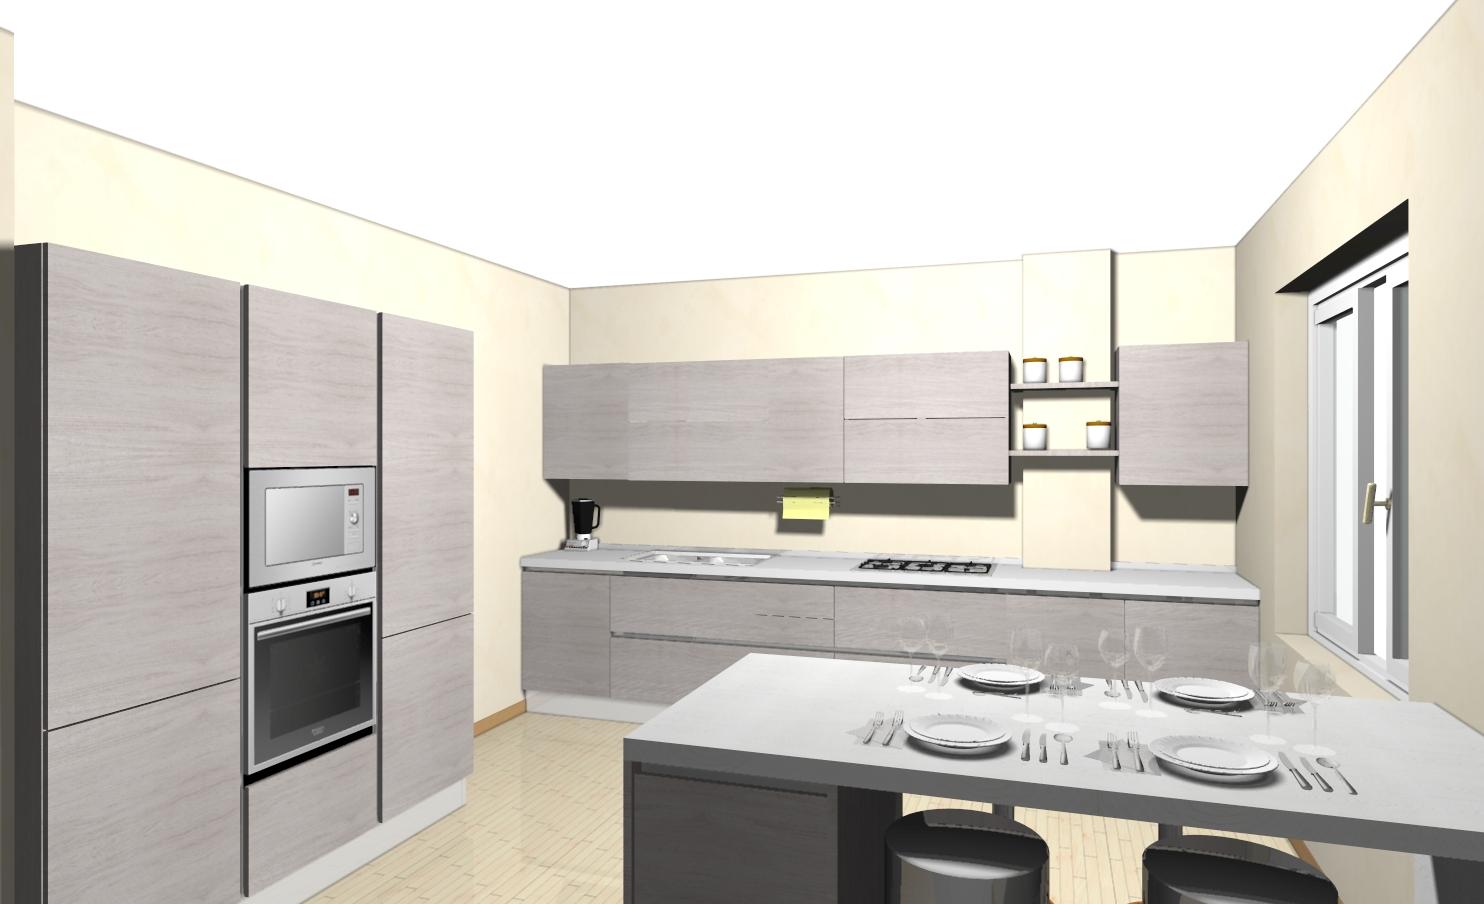 Cucina da 400 euro home ricette segreti culinari - Cucina 1000 euro ...